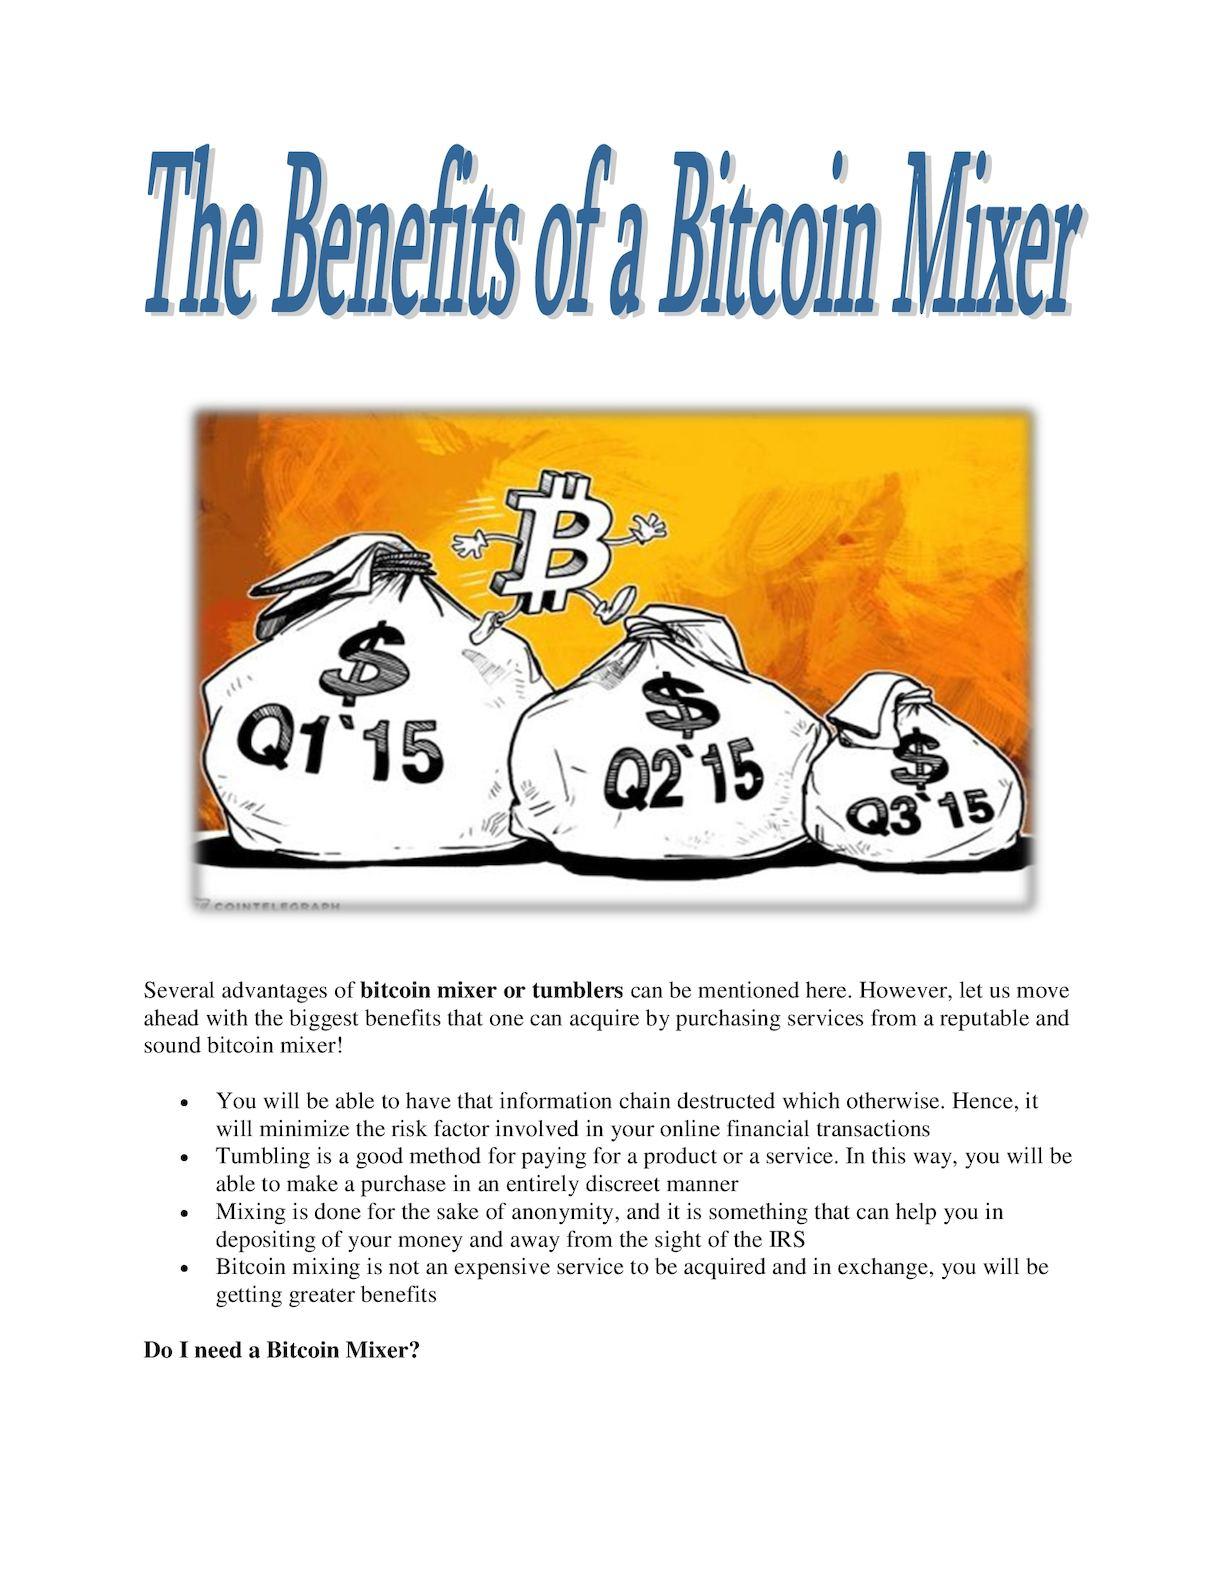 Sind Bitcoin-Mischer legal